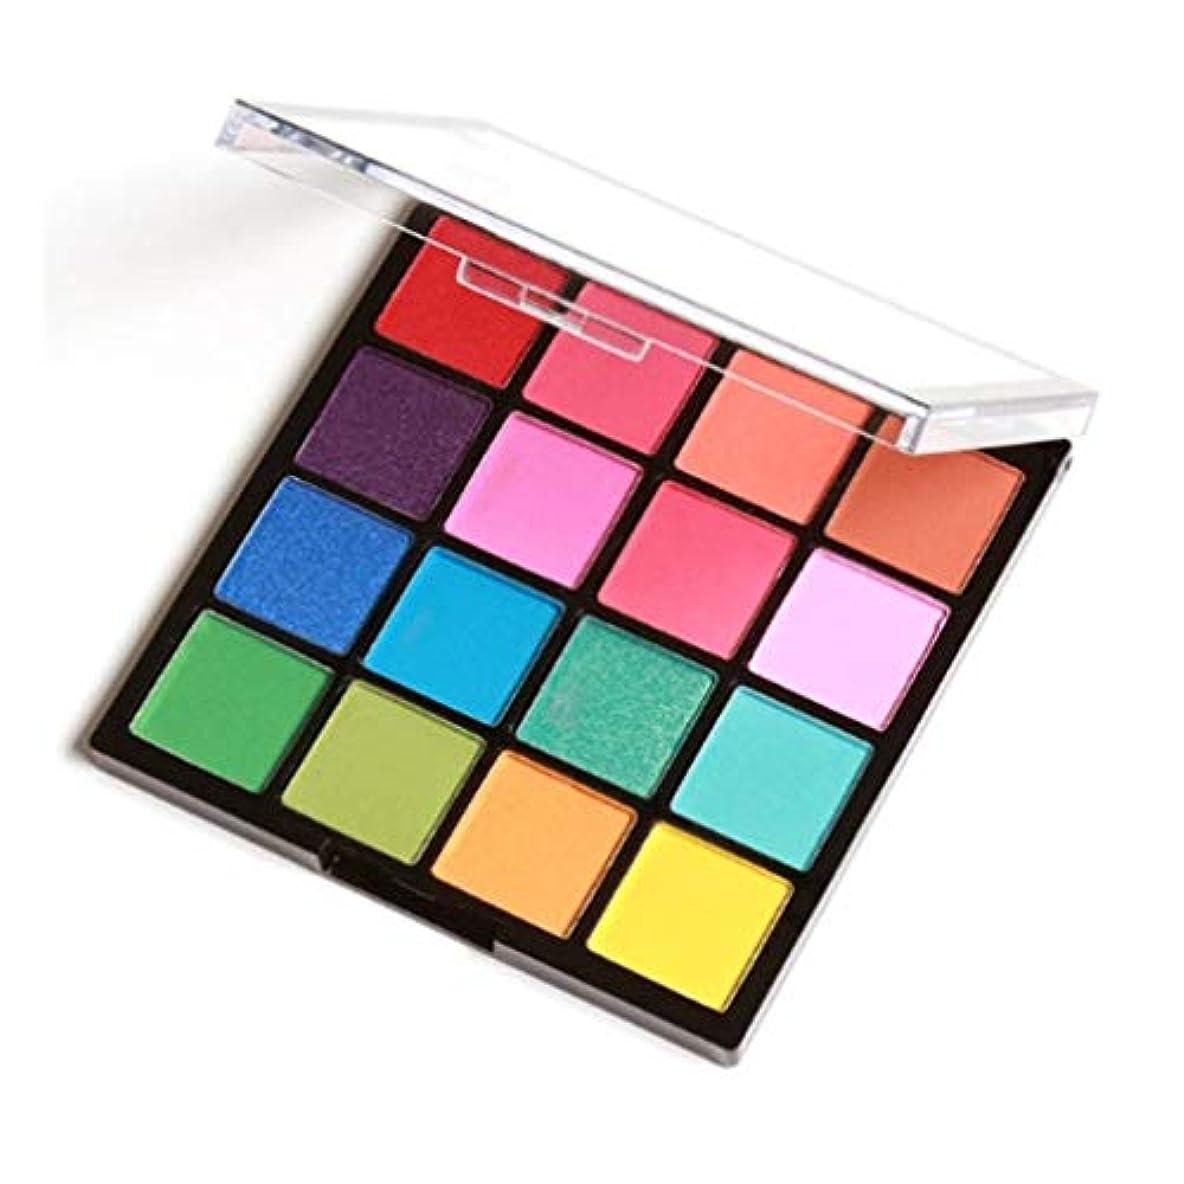 ルール湿地リマーク16色/ SET女子プロアイメイクアップ化粧品パウダー防水ロングラスティングスモーキーアイシャドウパレットメイクアップセット